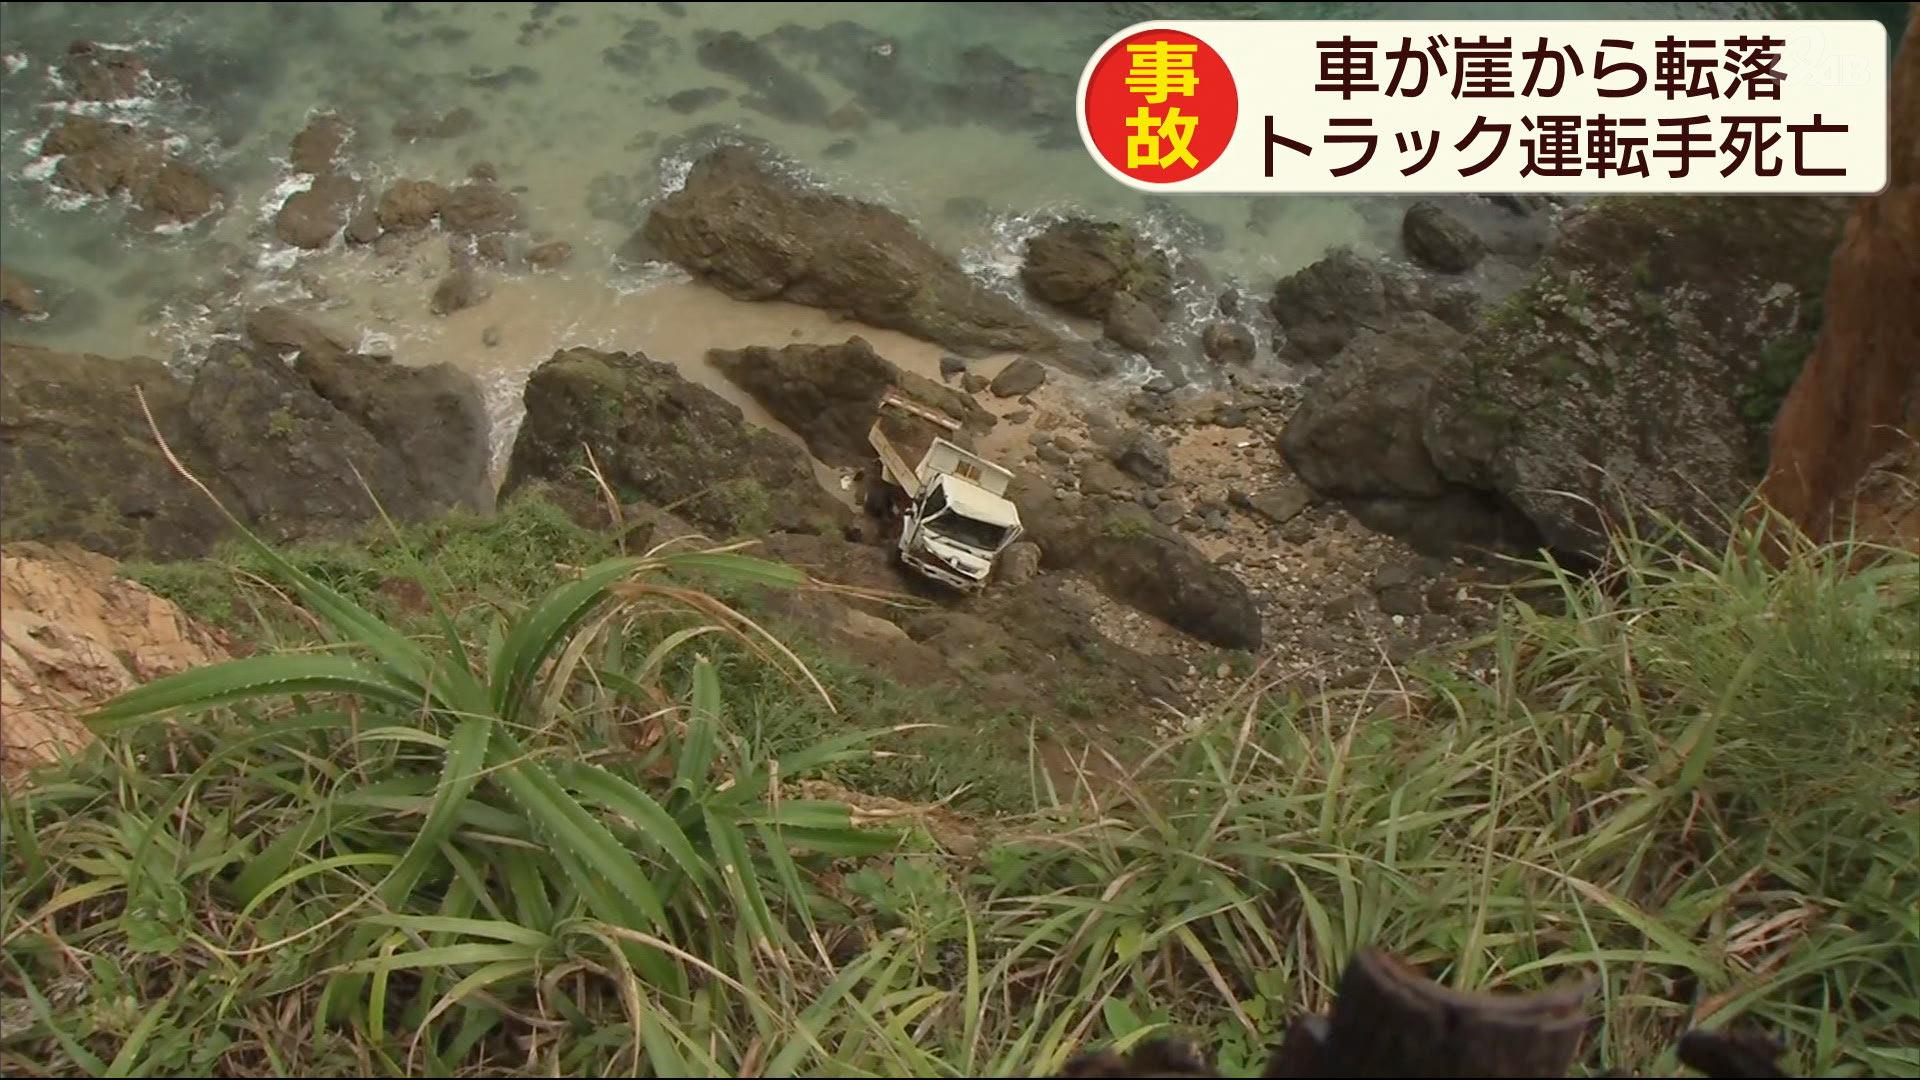 国頭村でトラックが崖下に転落 男性死亡